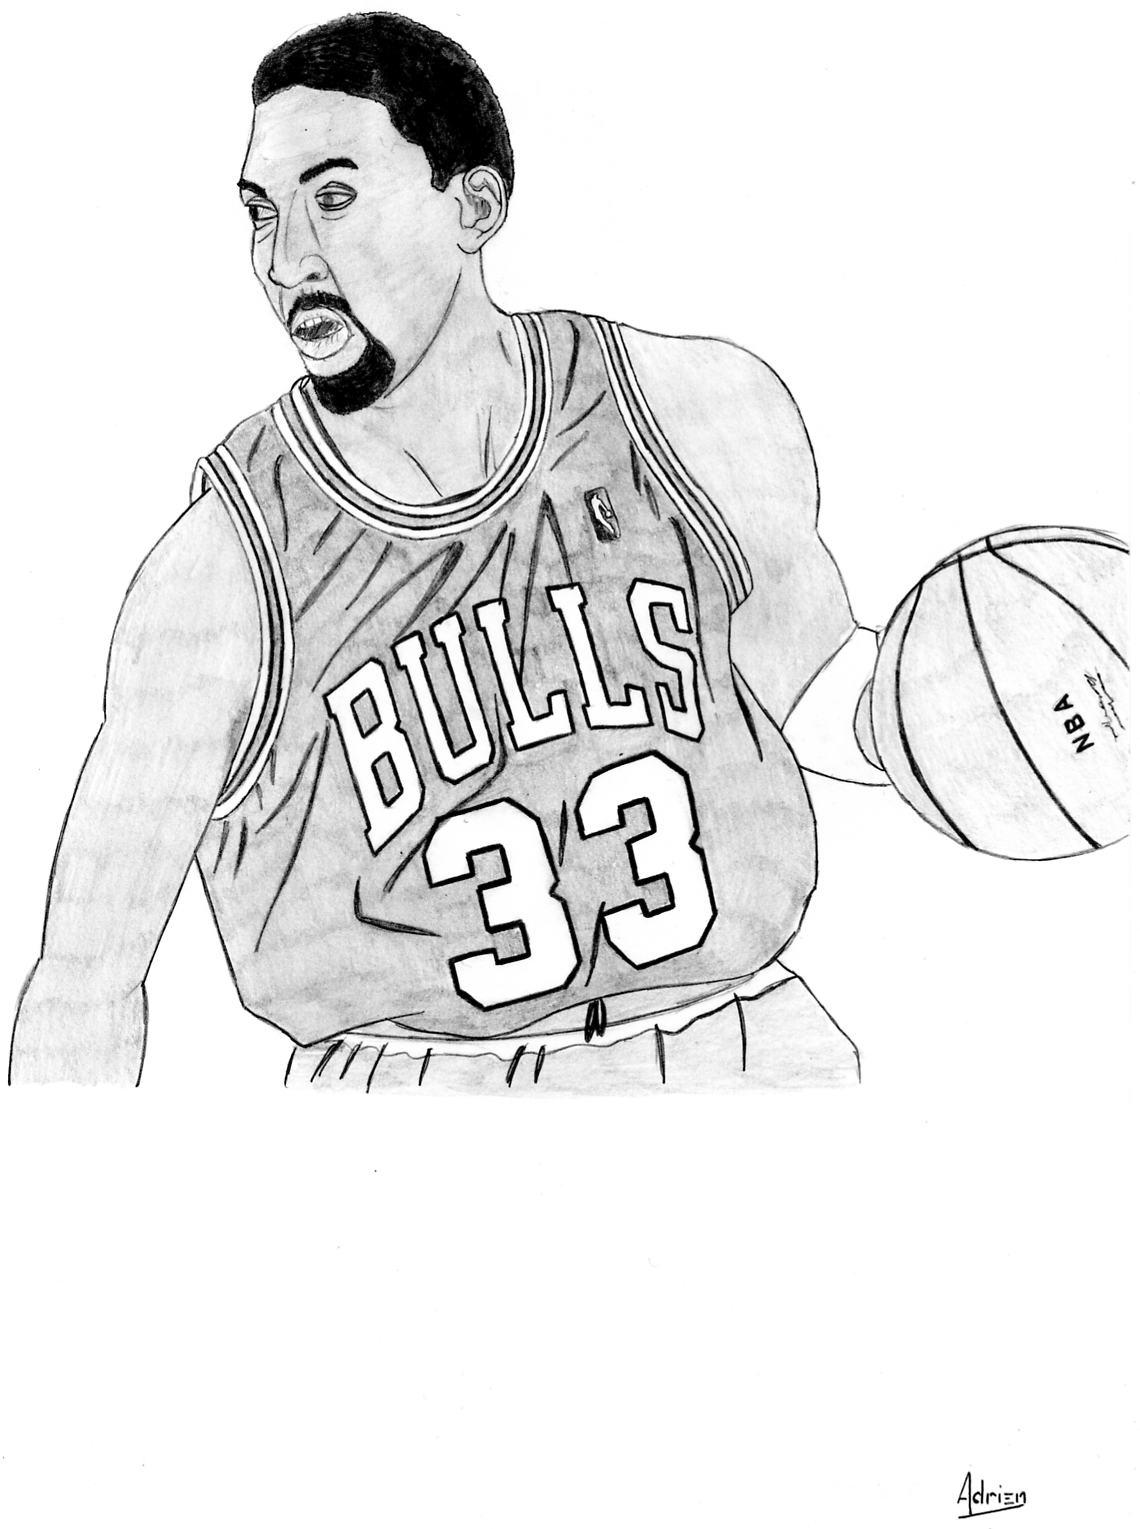 Dessin Scottie Pippen de Adrien72140